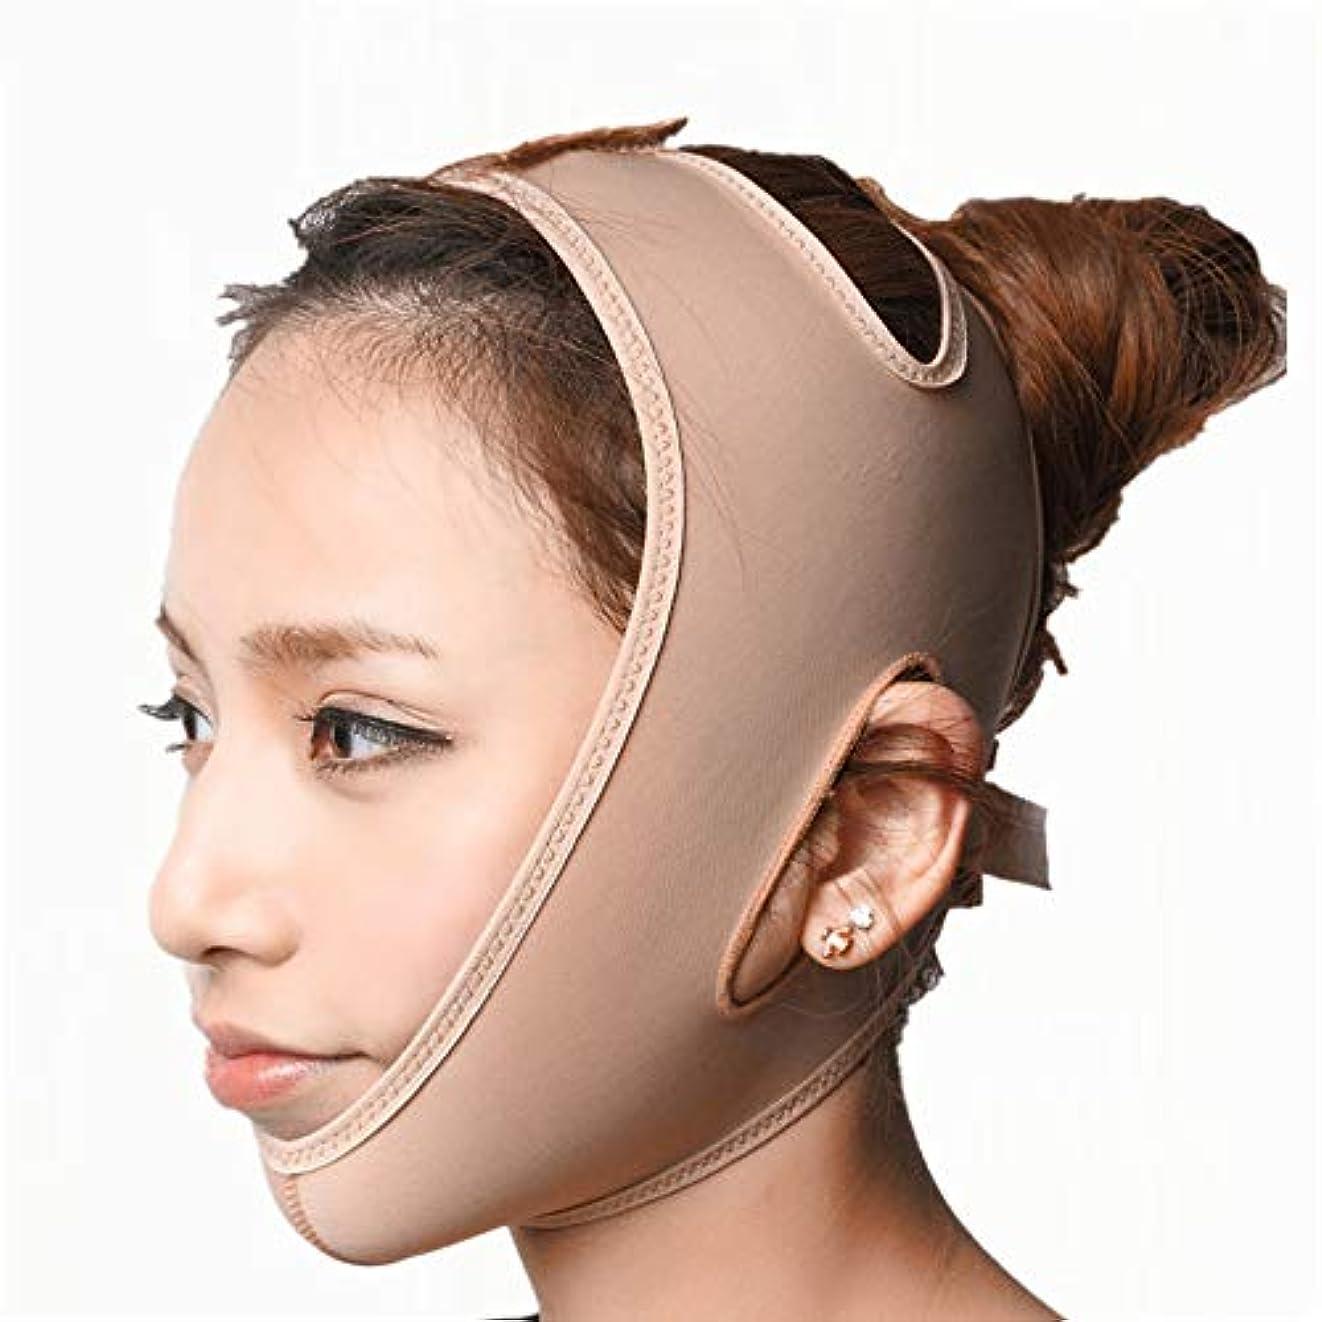 貨物三角形パウダー薄い顔のベルト - 薄い顔のアーチファクトVの顔の包帯マスクの顔のマッサージャー薄いダブルの顎のデバイス 美しさ